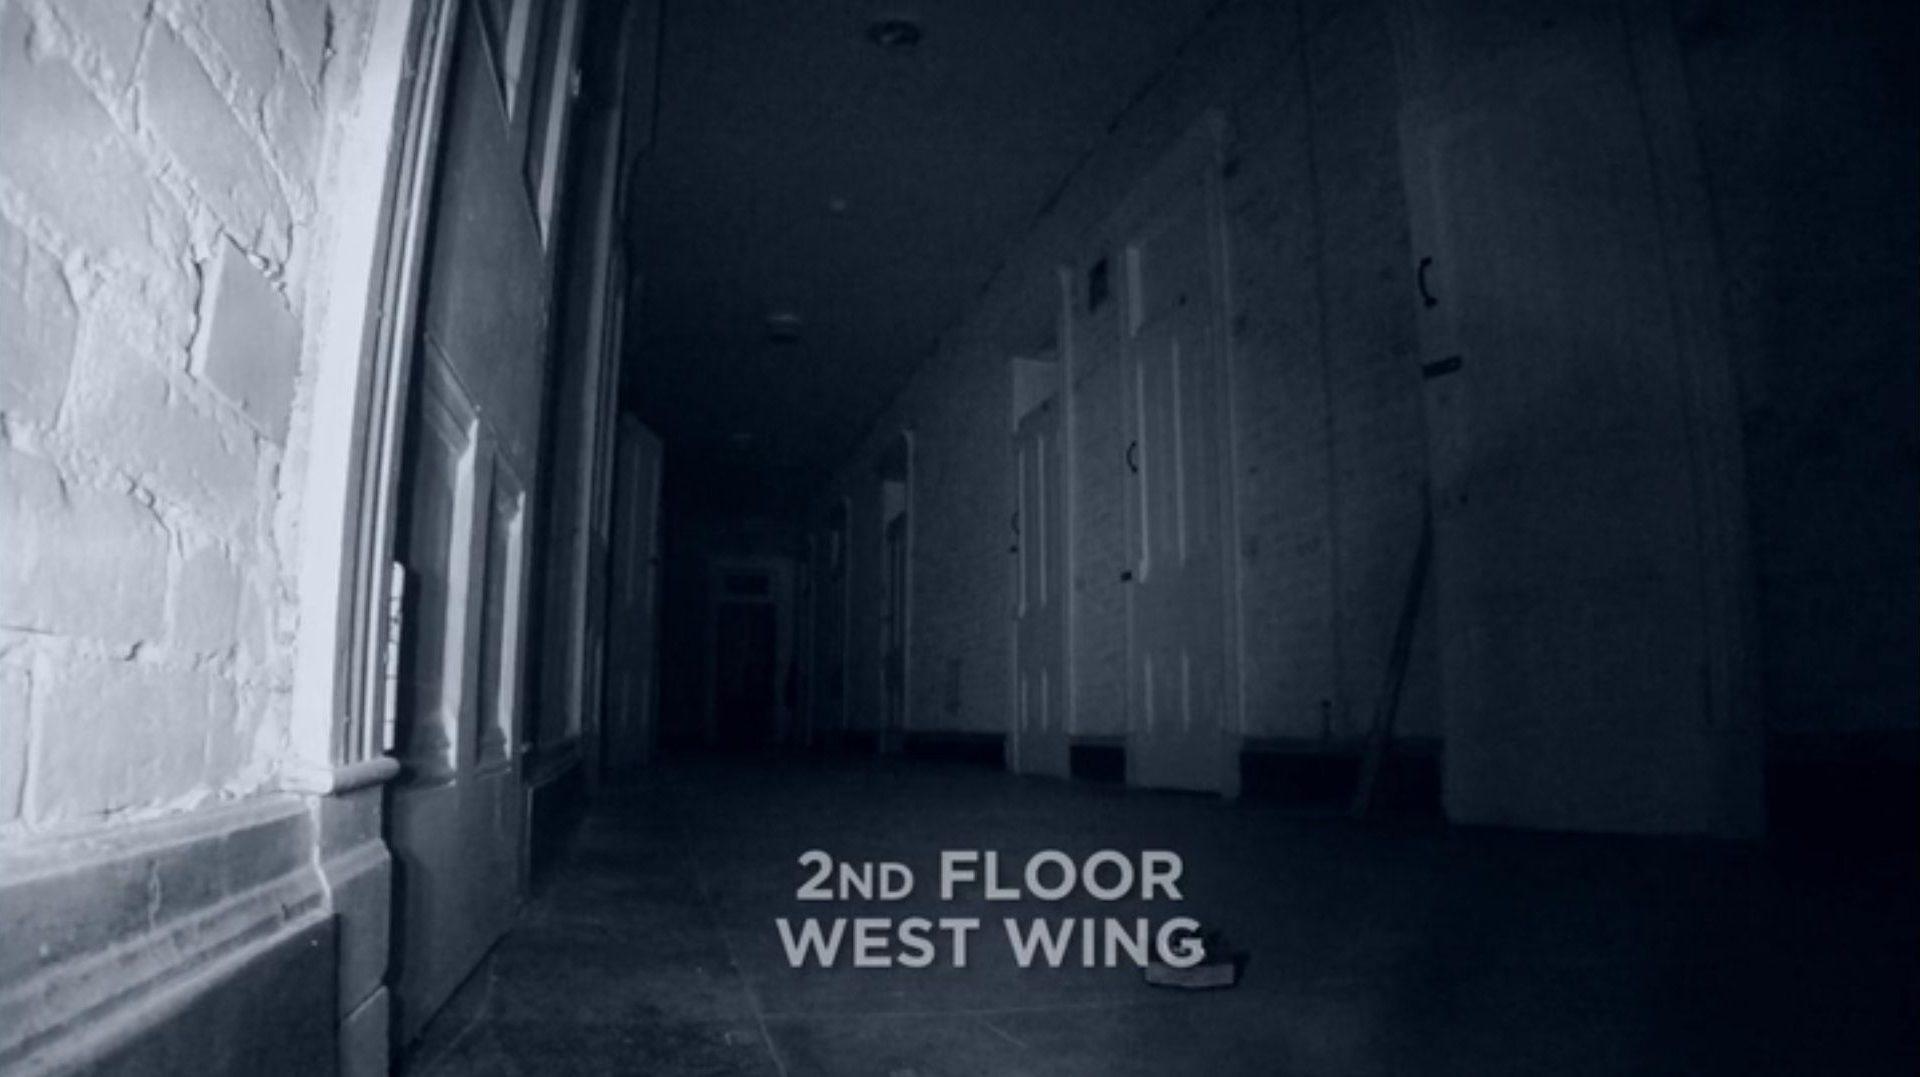 The Ending For Destination Fear Season 3 Episode 5